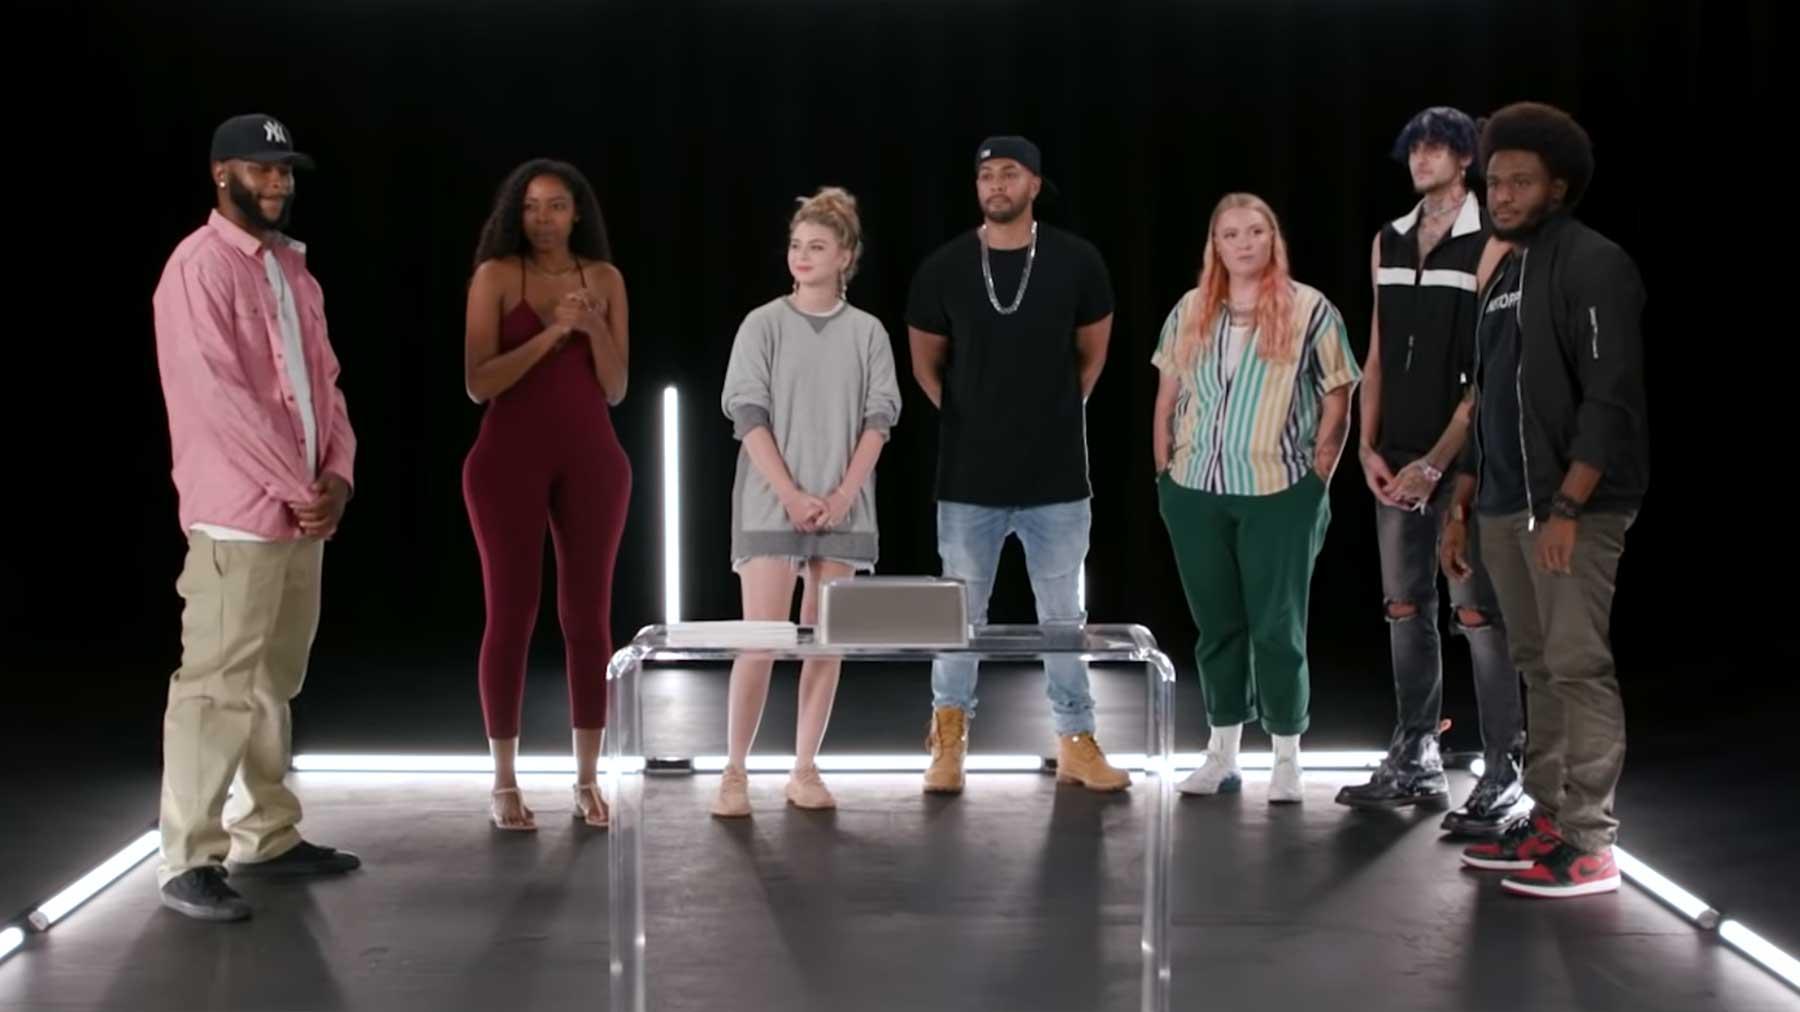 Welcher dieser 7 angeblichen Rapper ist gar keiner? odd-man-out-wer-ist-kein-rapper